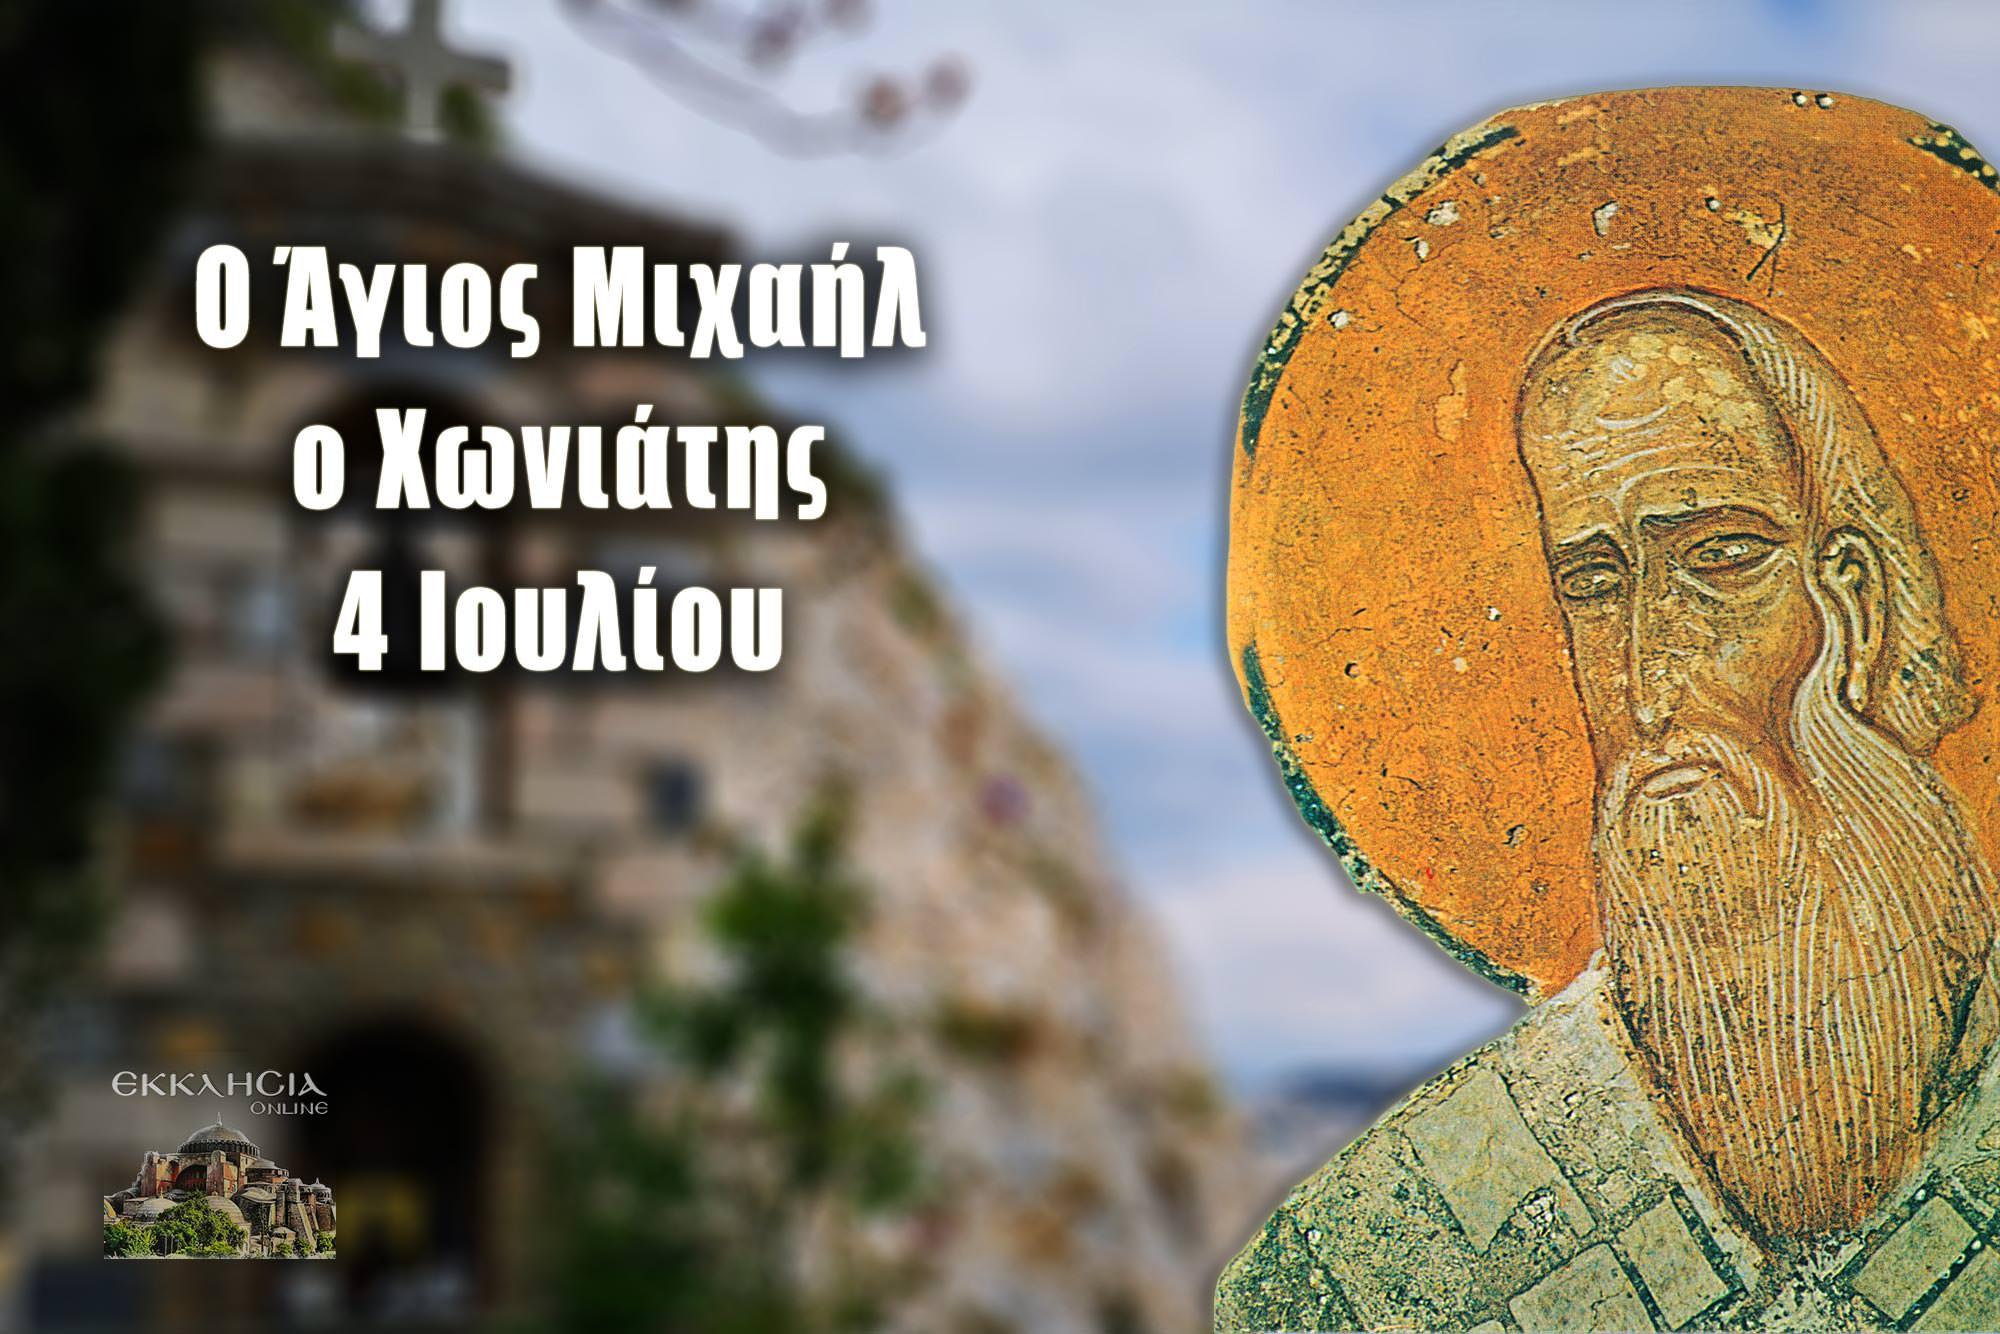 Άγιος Μιχαήλ ο Χωνιάτης 4 Ιουλίου